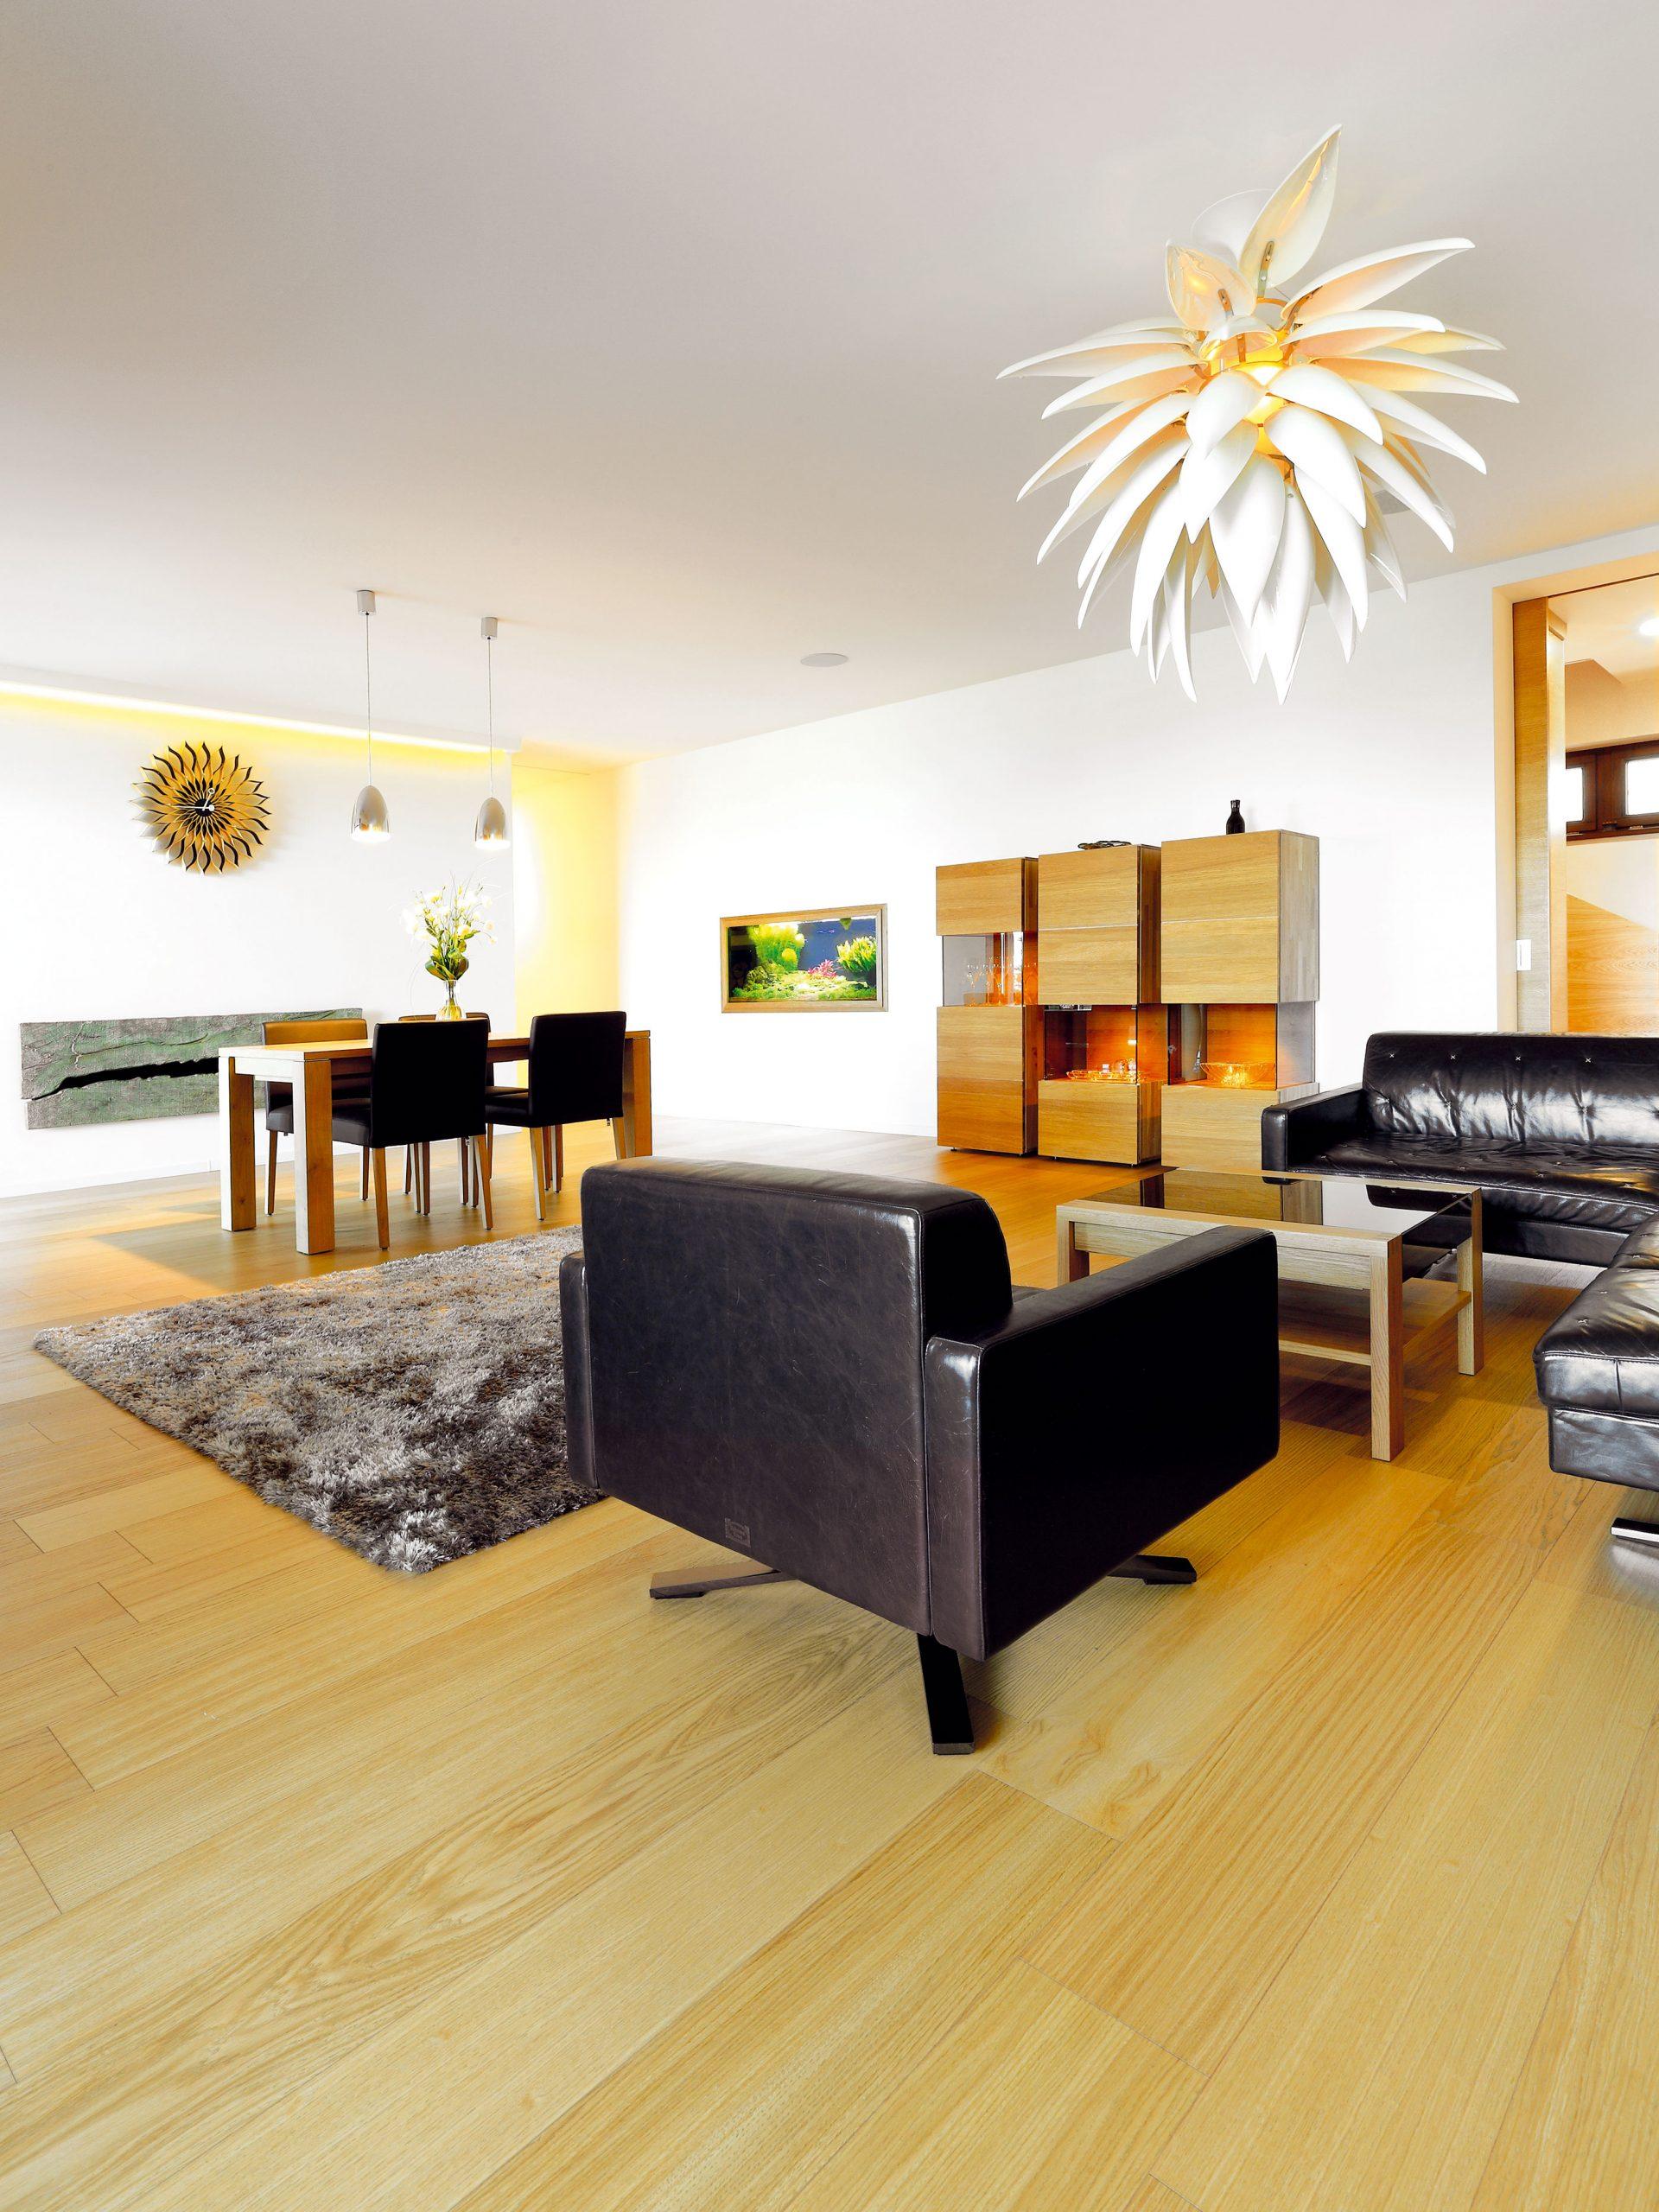 Niektoré kusy nábytku, ktoré mali vpredchádzajúcom bývaní, sa manželom veľmi páčili achceli si ich vziať aj do nového domu. Architekt Dzurilla teda pokračoval vinteriéri vrovnakom duchu – časť nábytku doplnil od rovnakého výrobcu, časť sa vyrábala na mieru tak, aby bolo všetko vrovnakom štýle. Celok potom doladili starostlivo vybrané doplnky.